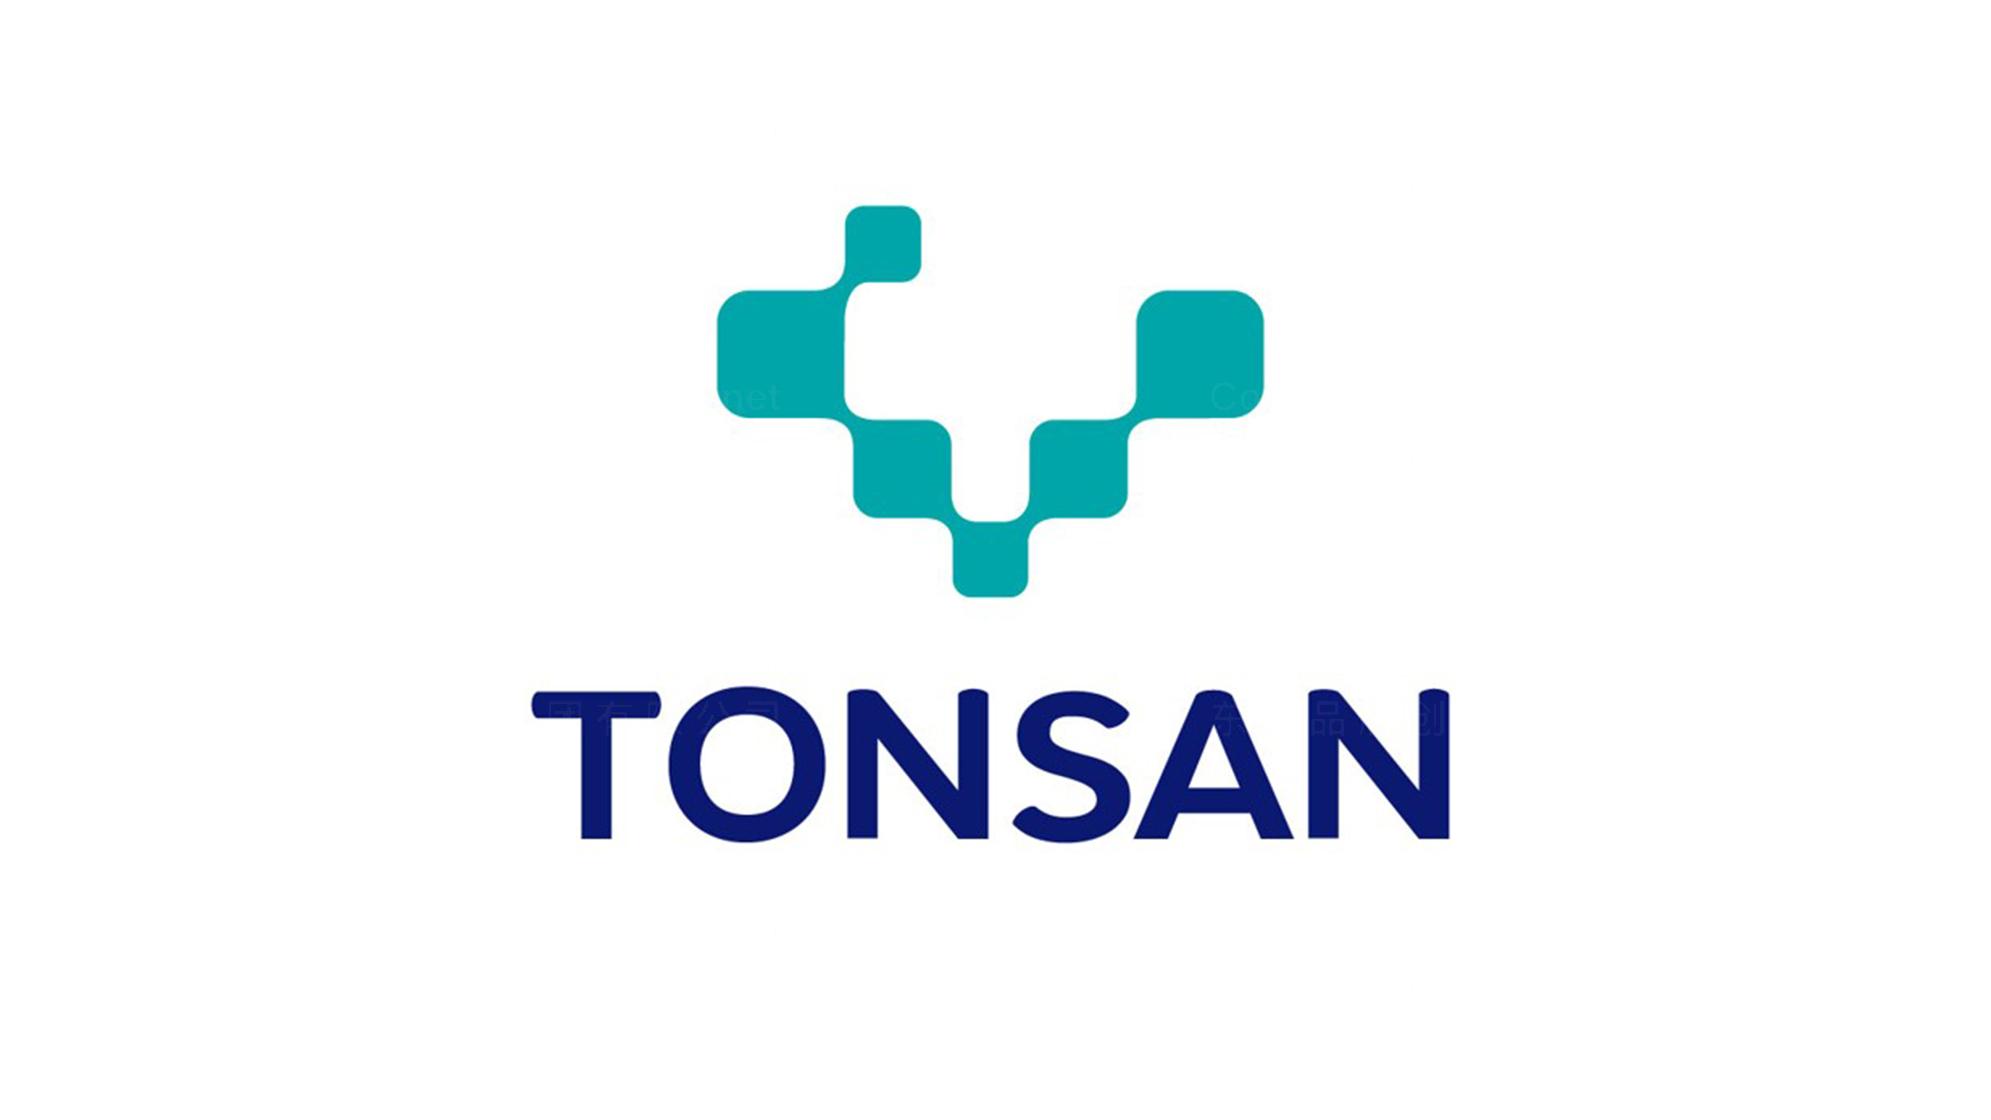 工业制造品牌设计TONSAN工业胶水LOGO&VI设计